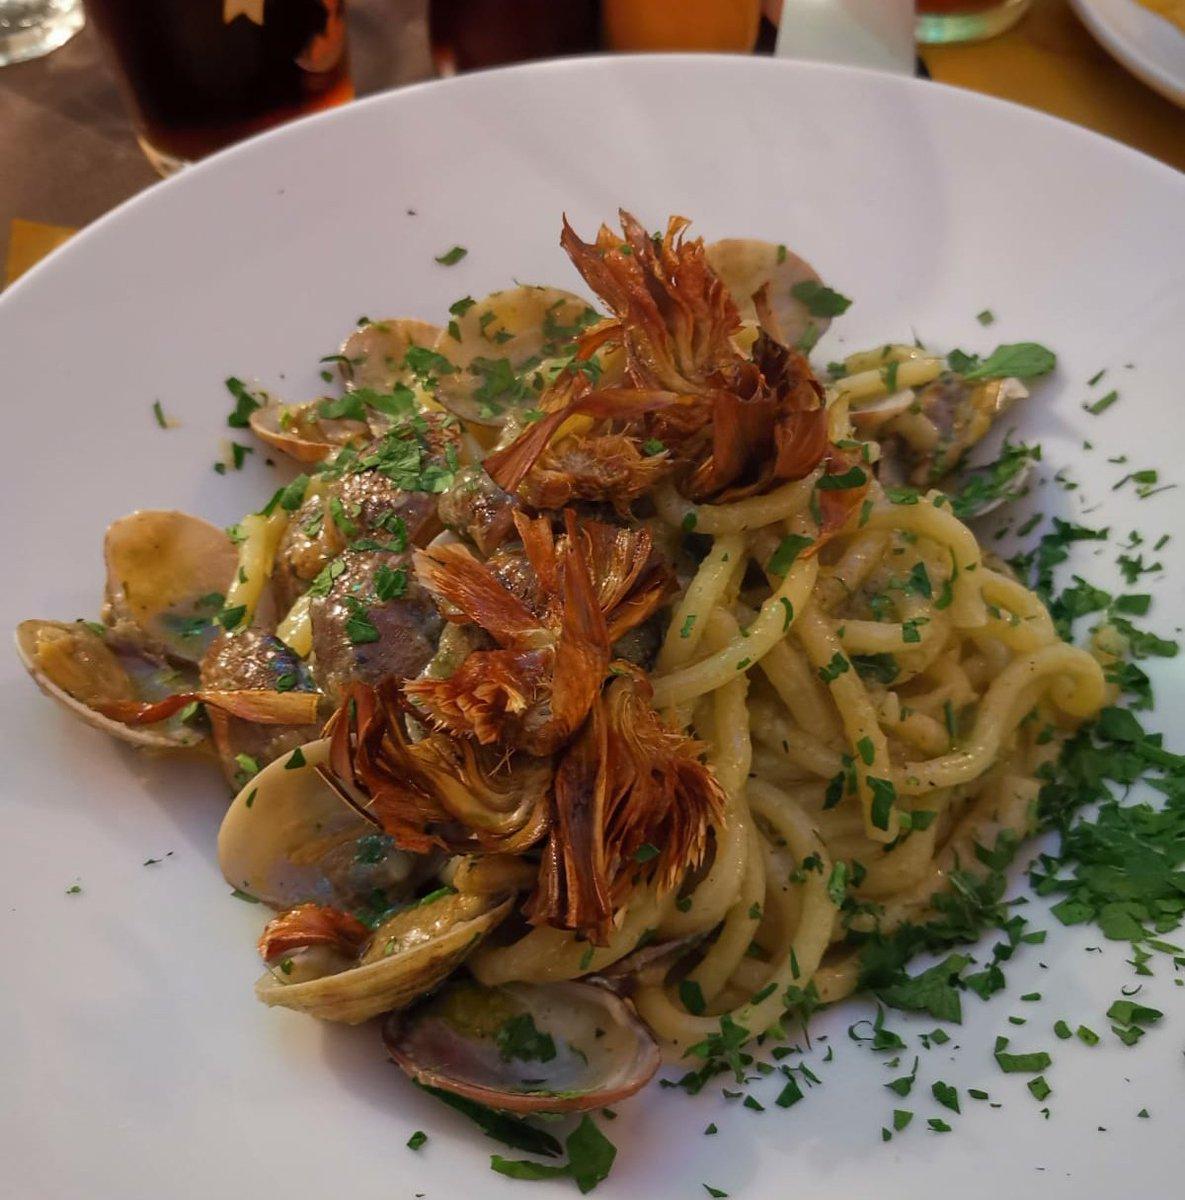 Vongole e carciofi ❤😋😋 #foodporn #pranzo buon appetito